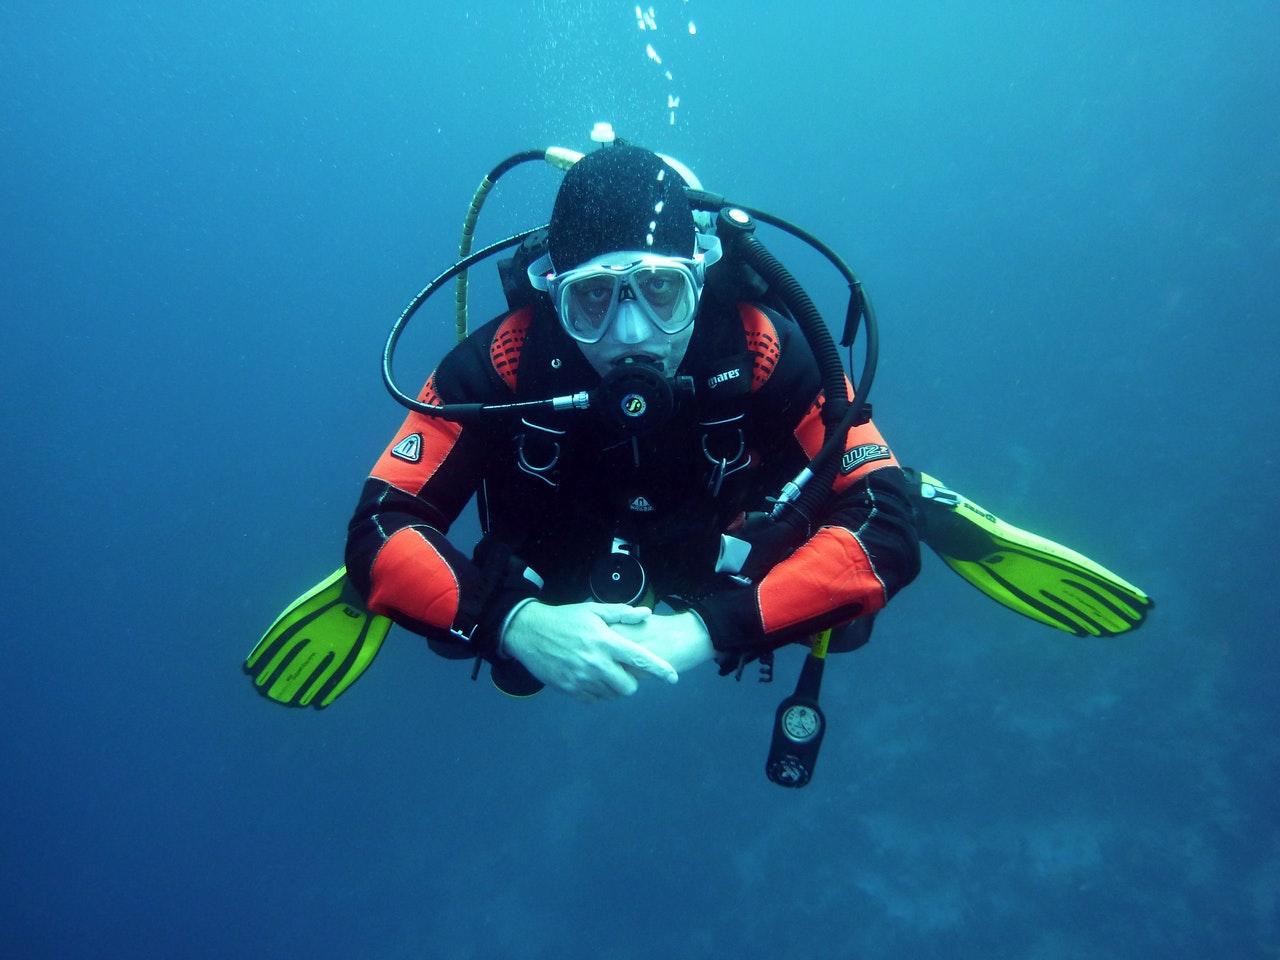 Dykker er under vandet med dykkerudstyr